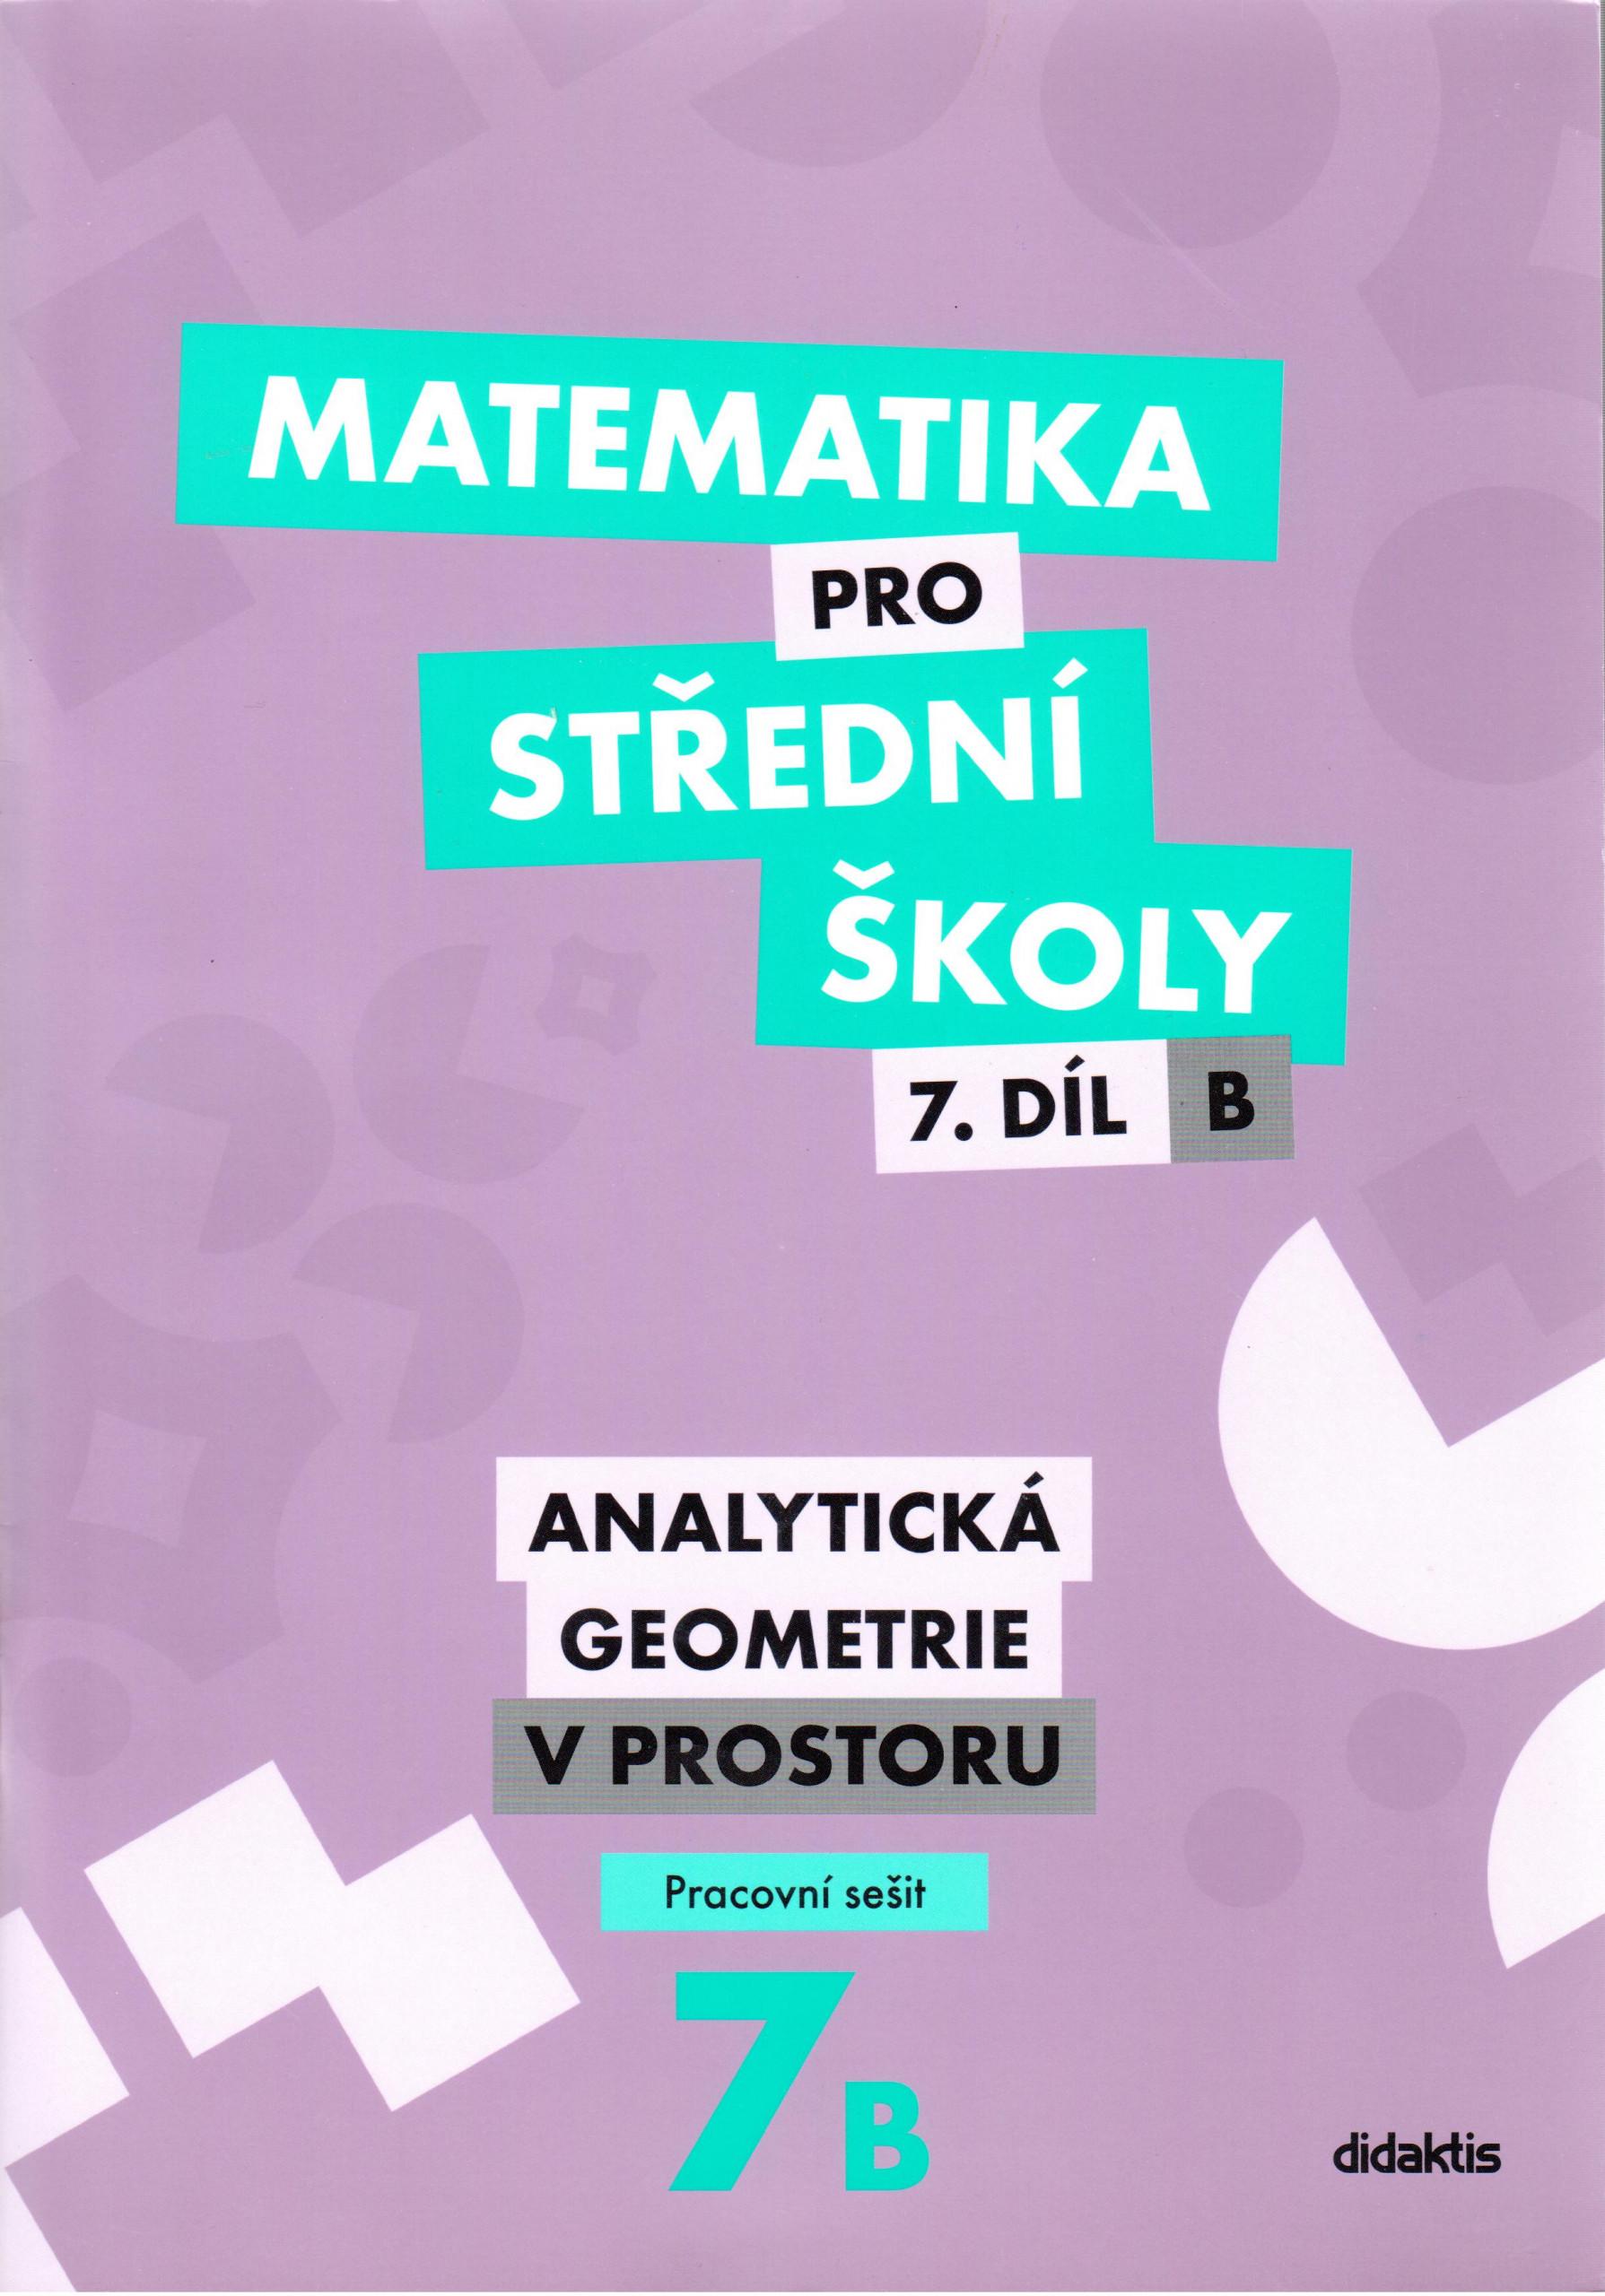 Matematika pro střední školy, 7. díl B: Analytická geometrie v prostoru (pracovní sešit) - Náhled učebnice